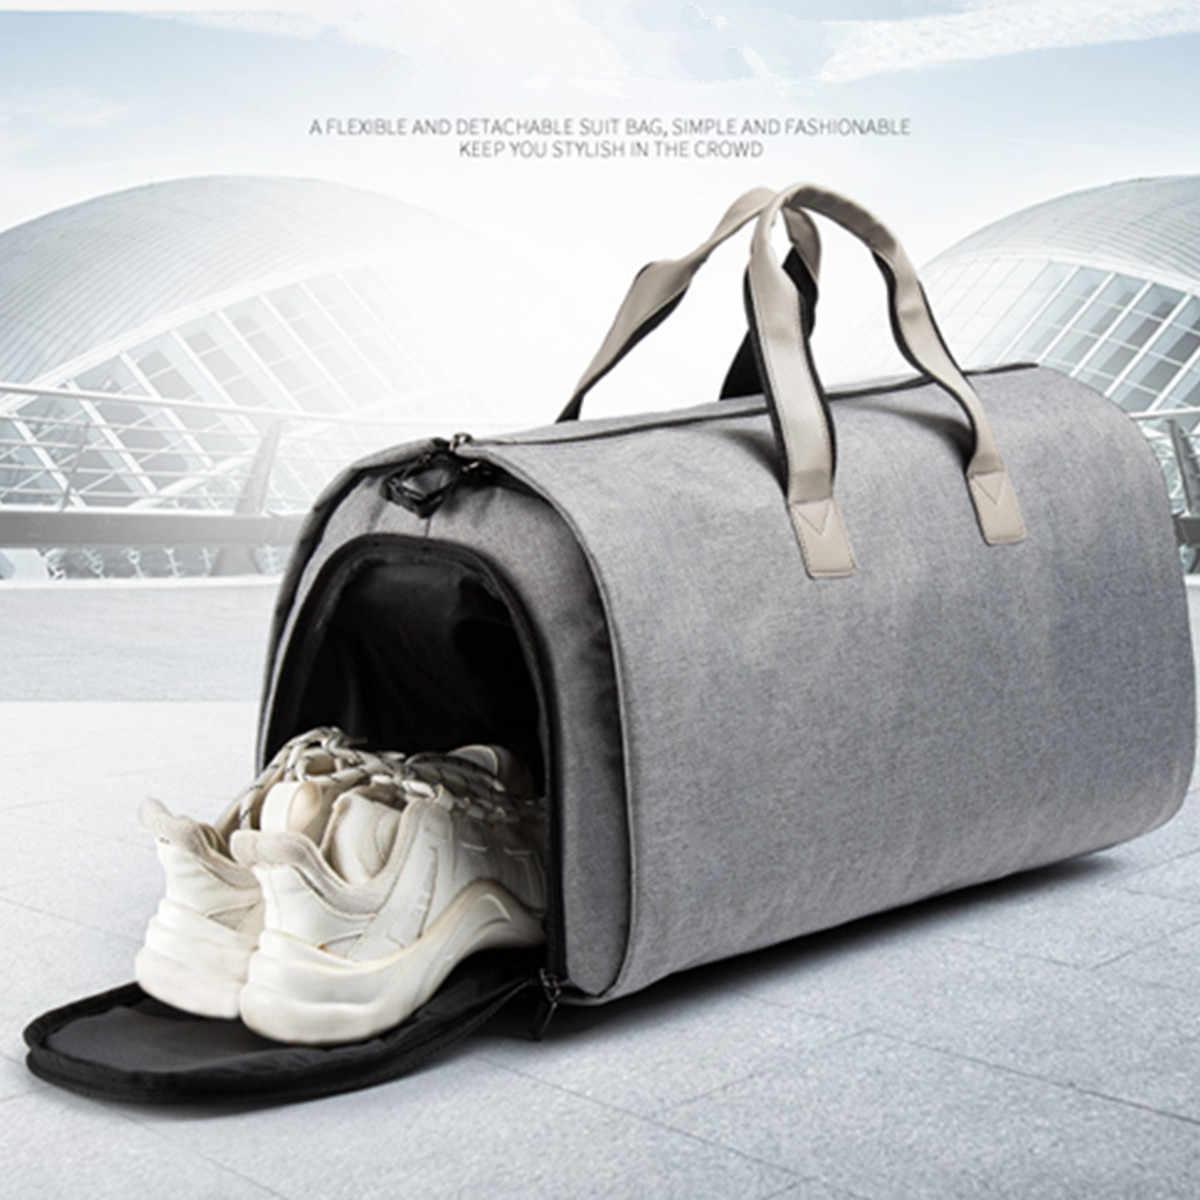 2 em 1 Novas Grandes Mulheres de Capacidade Viajar Saco de fim de Semana Homens Fitness Formação Sapatos Bagagem Duffel Tote Lazer Bolsa De Armazenamento